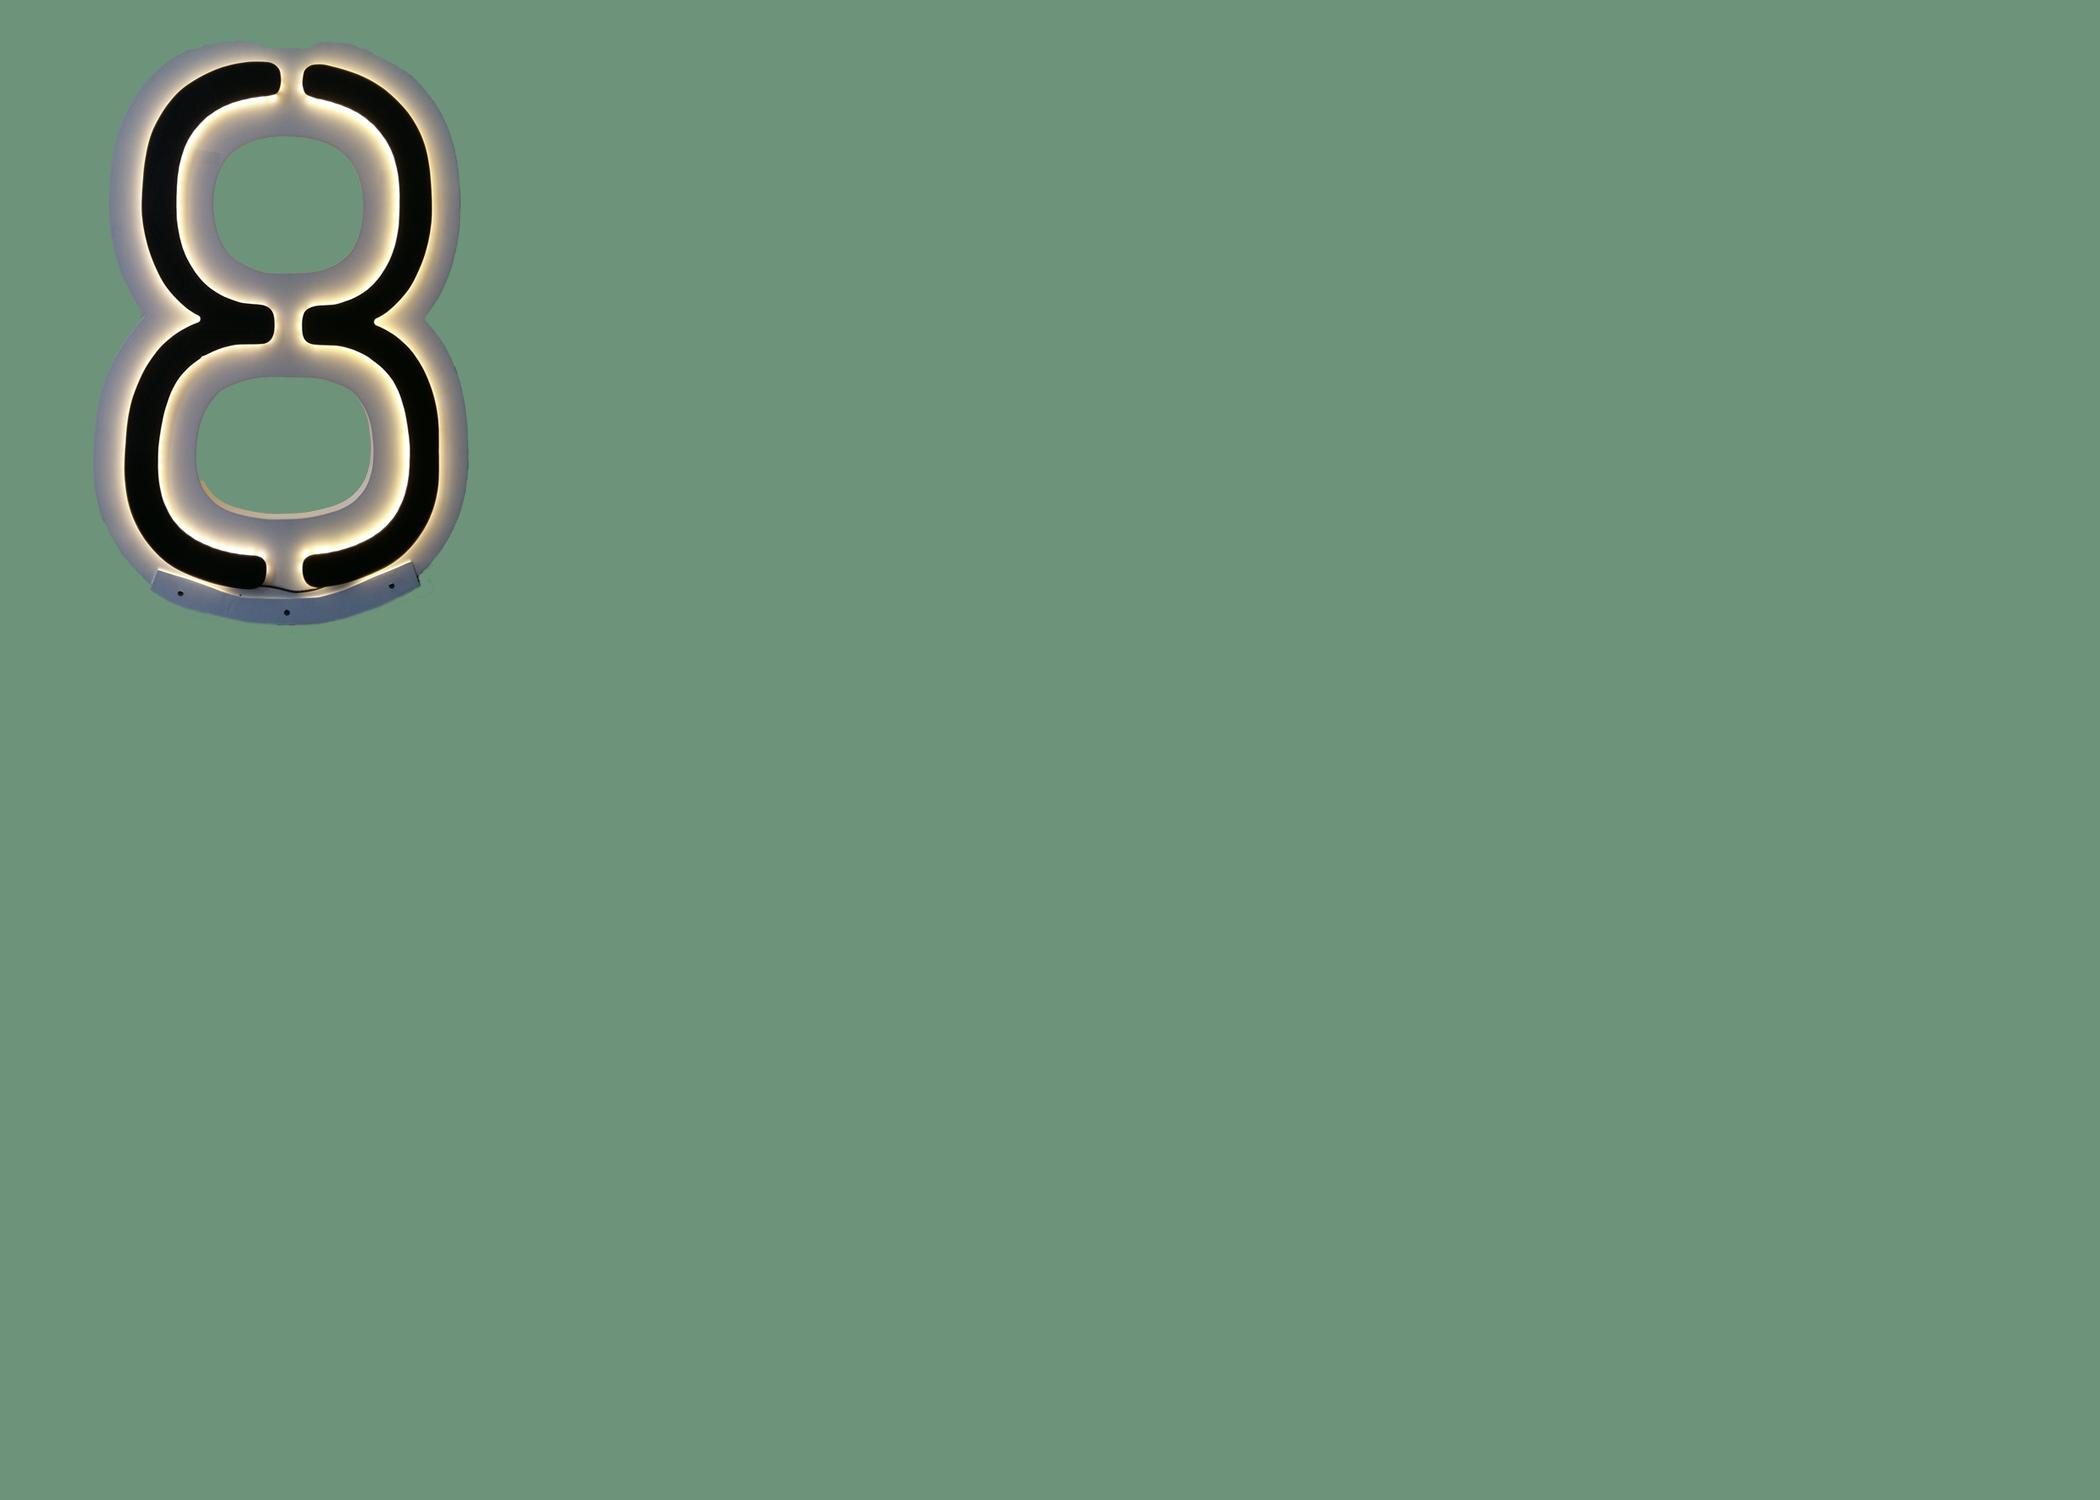 Super8_4.png